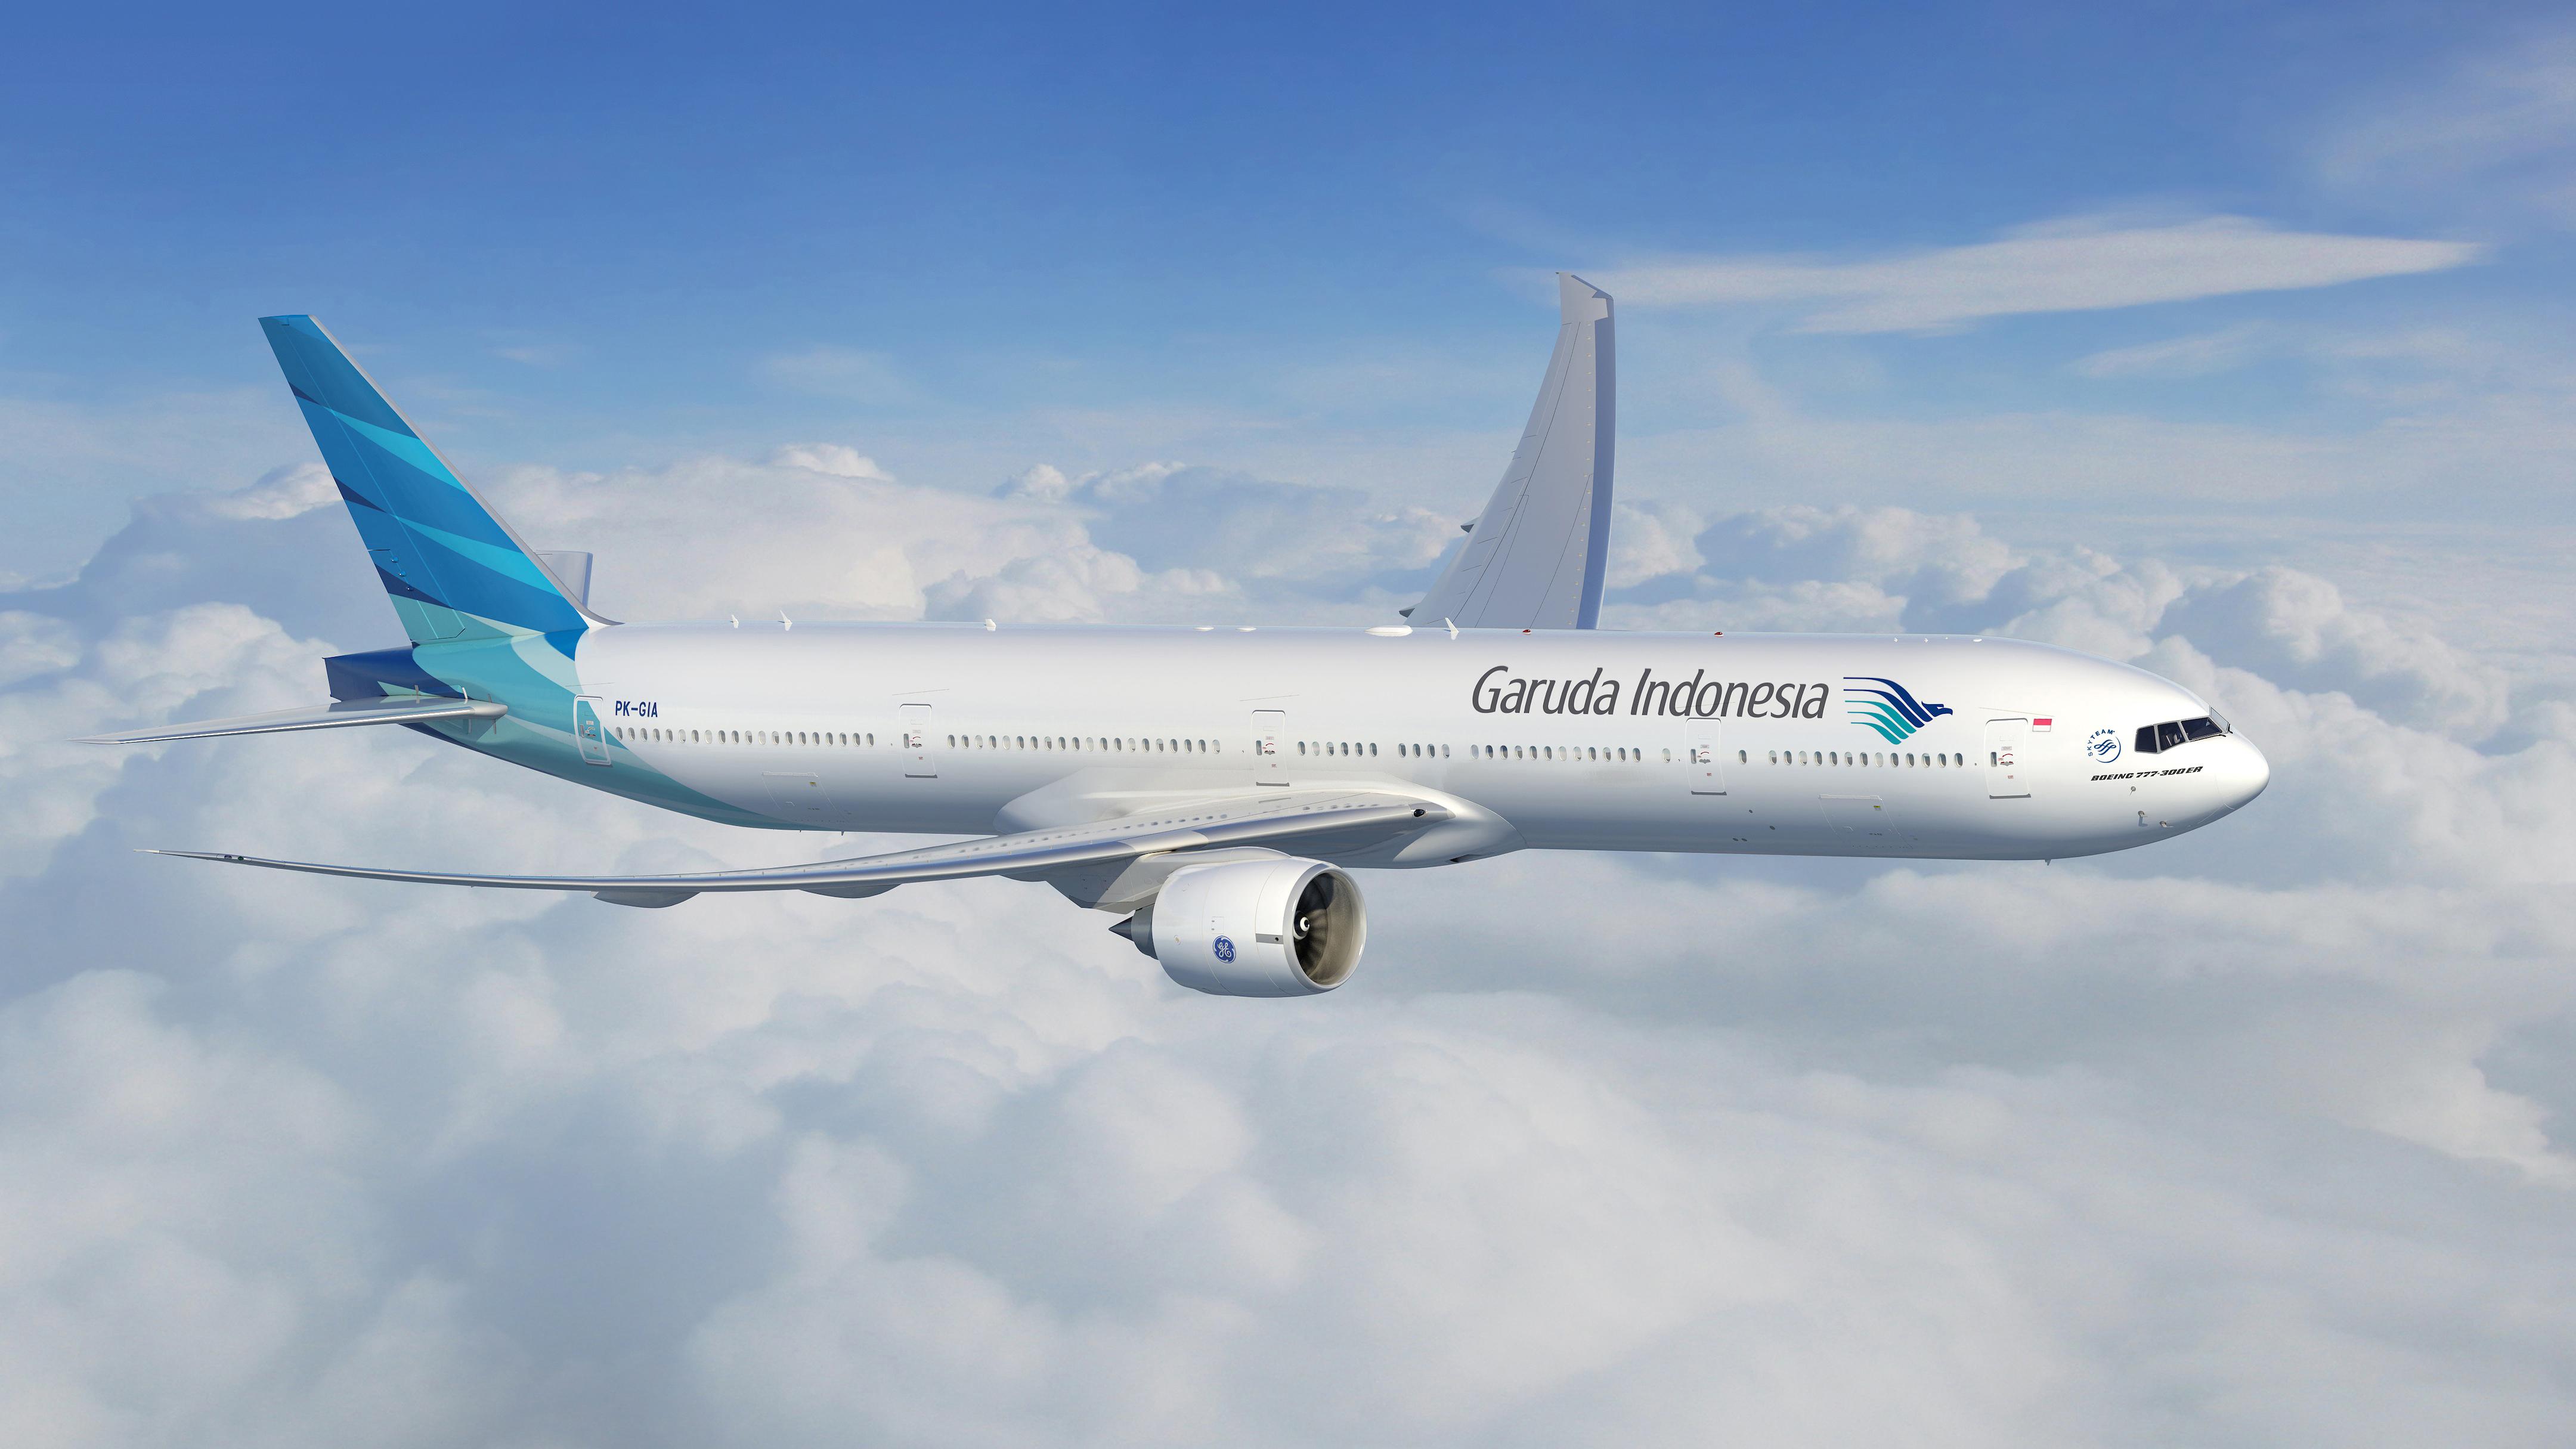 Profiteer nu van onze eigen nieuwe deal met Garuda Indonesia!